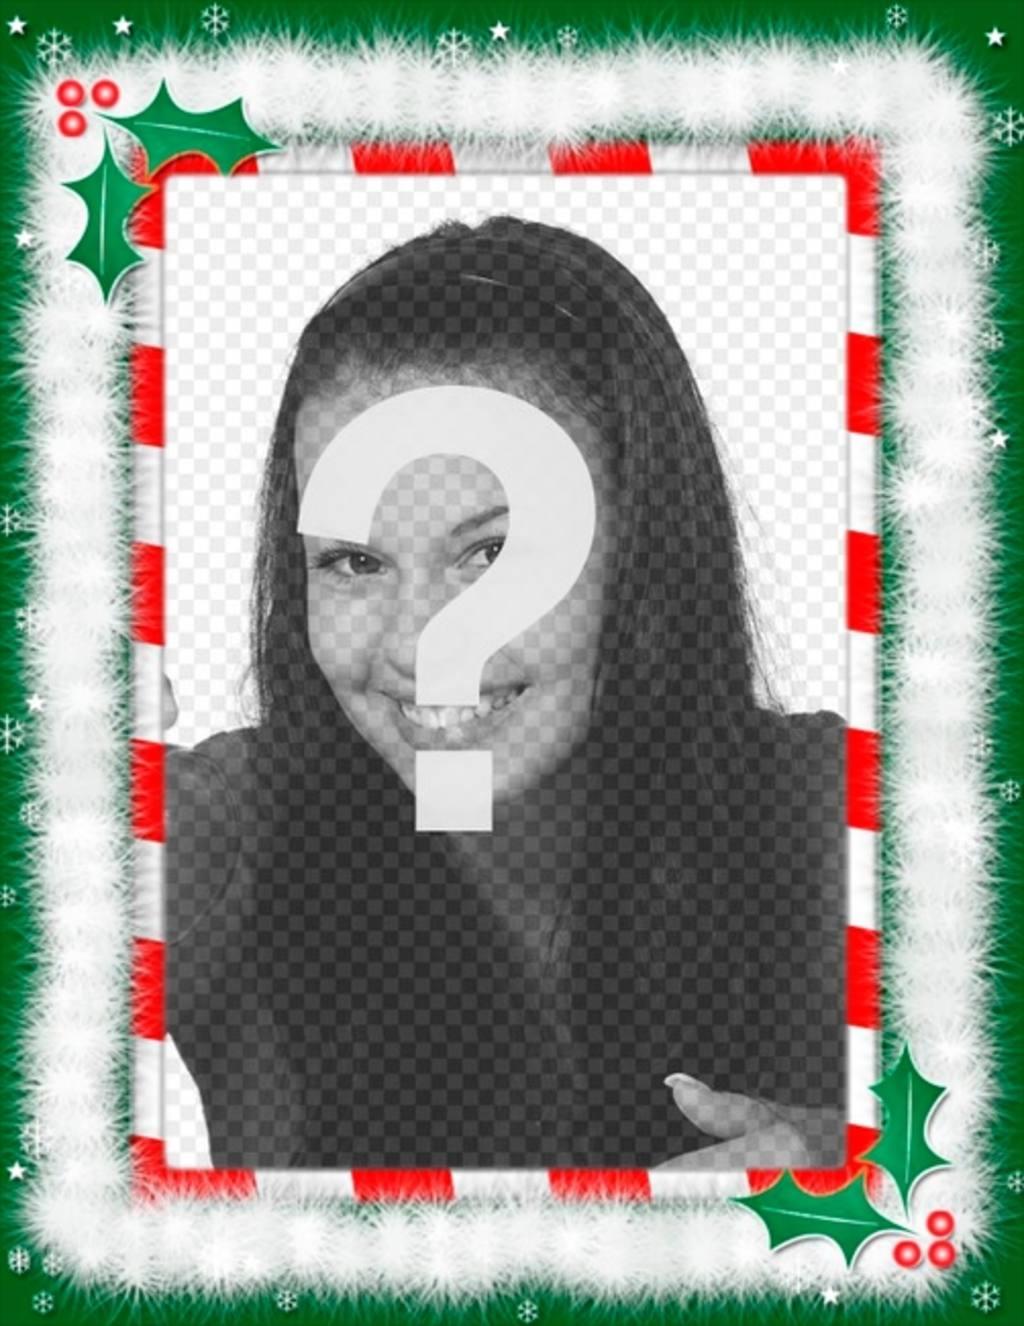 Moldura com as decorações de Natal, parabéns especiais por e-mail